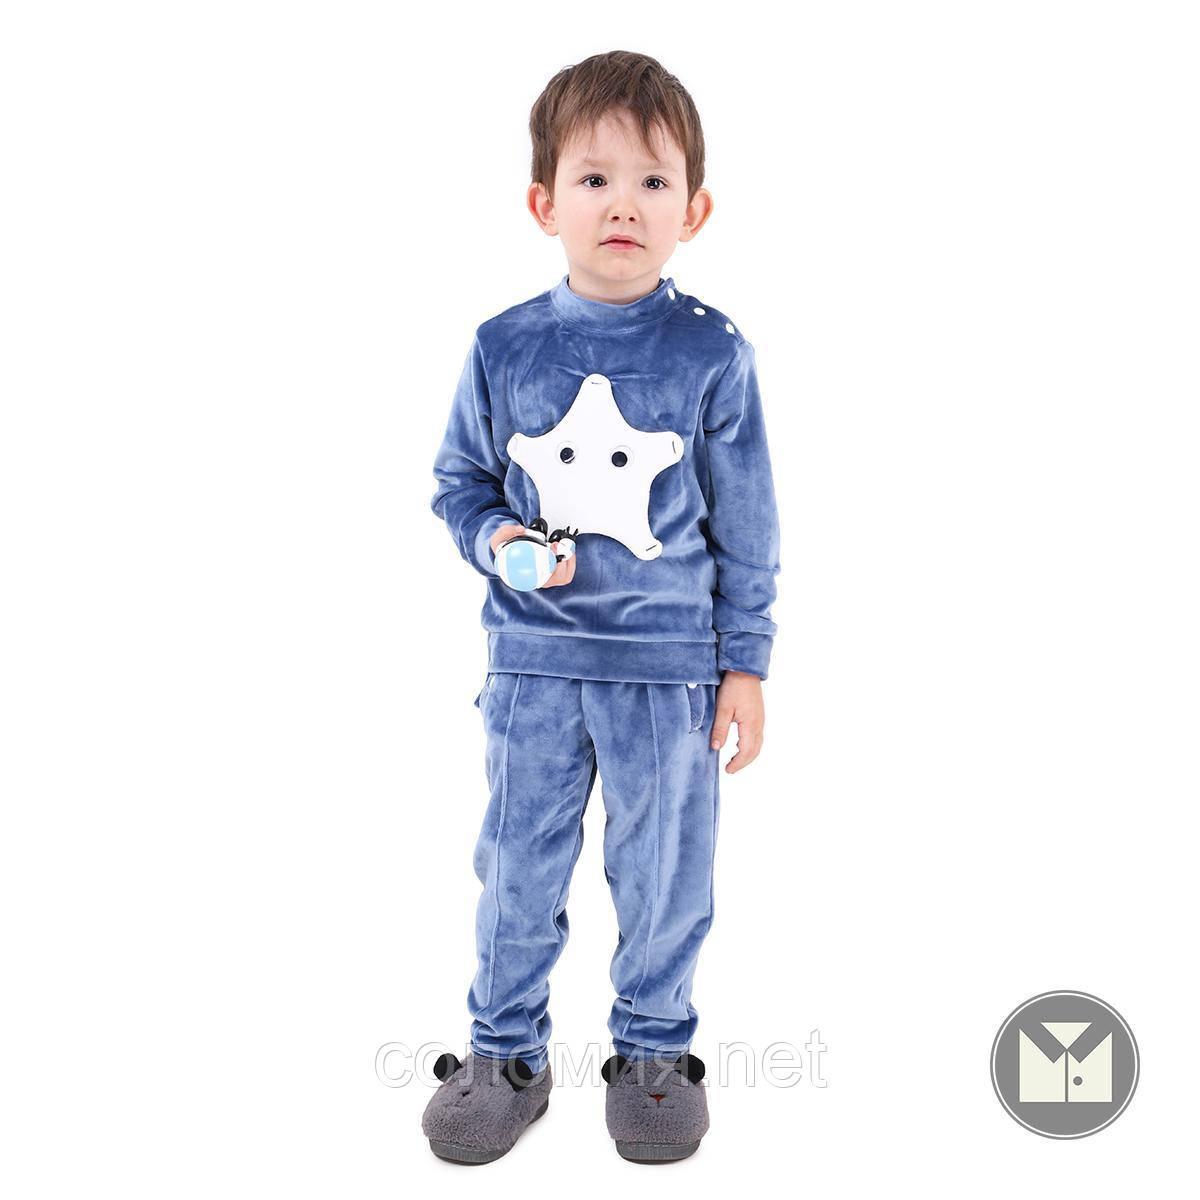 Удобный велюровый спортивный костюм  для мальчика 86-128р